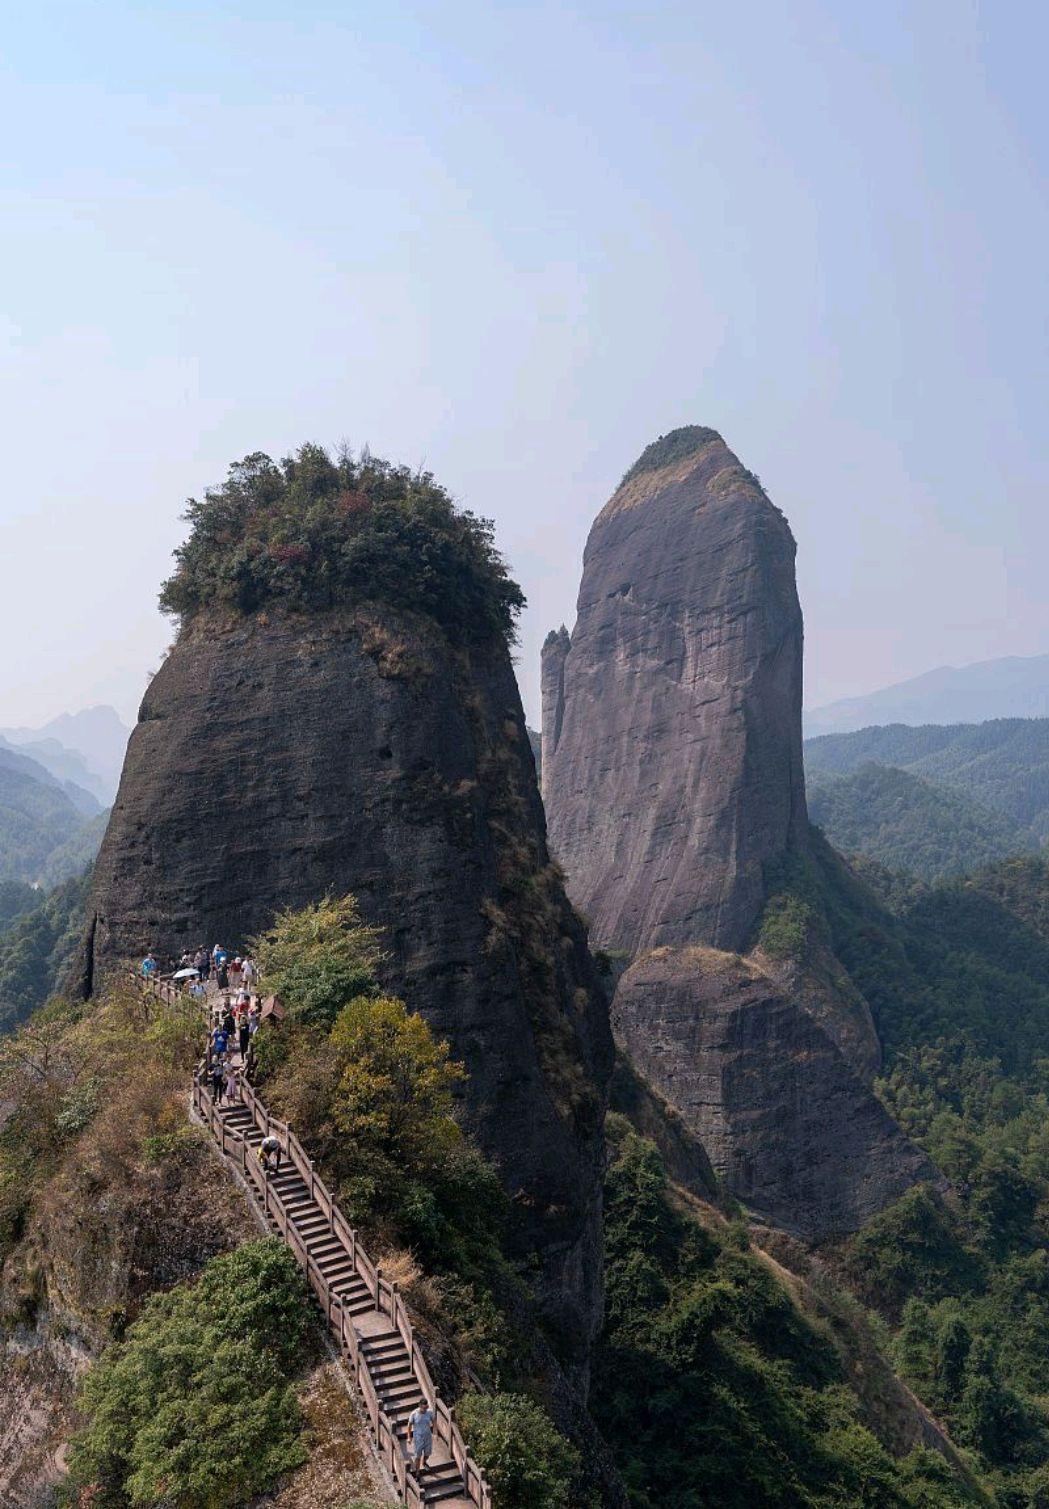 湖南这个旅游大县,何时才能通铁路以提升旅游经济